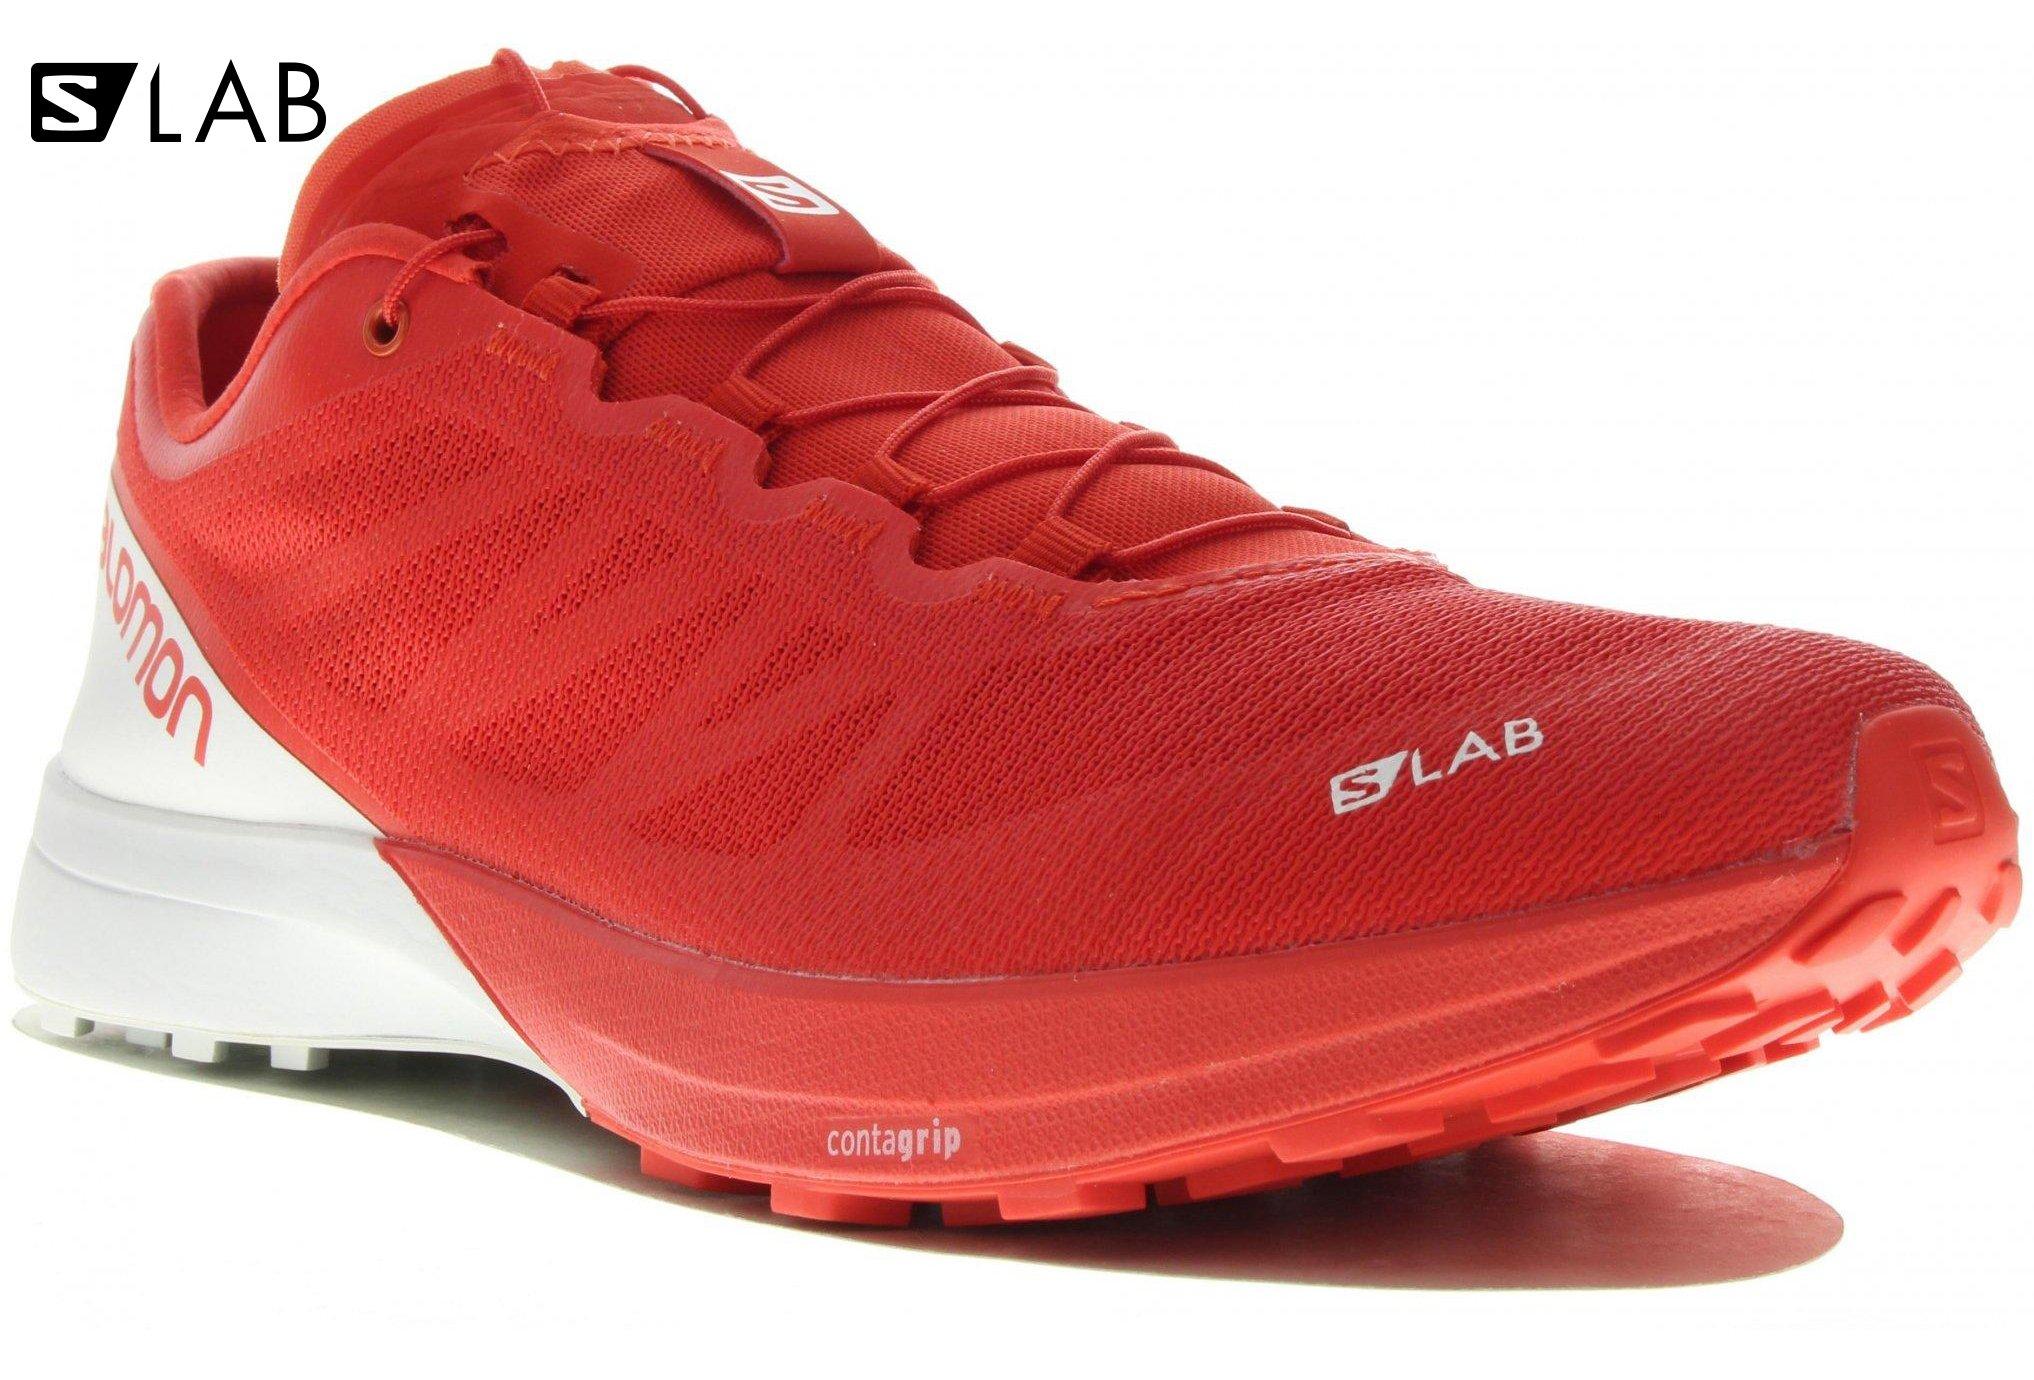 Salomon S-Lab Sense 7 M Chaussures homme